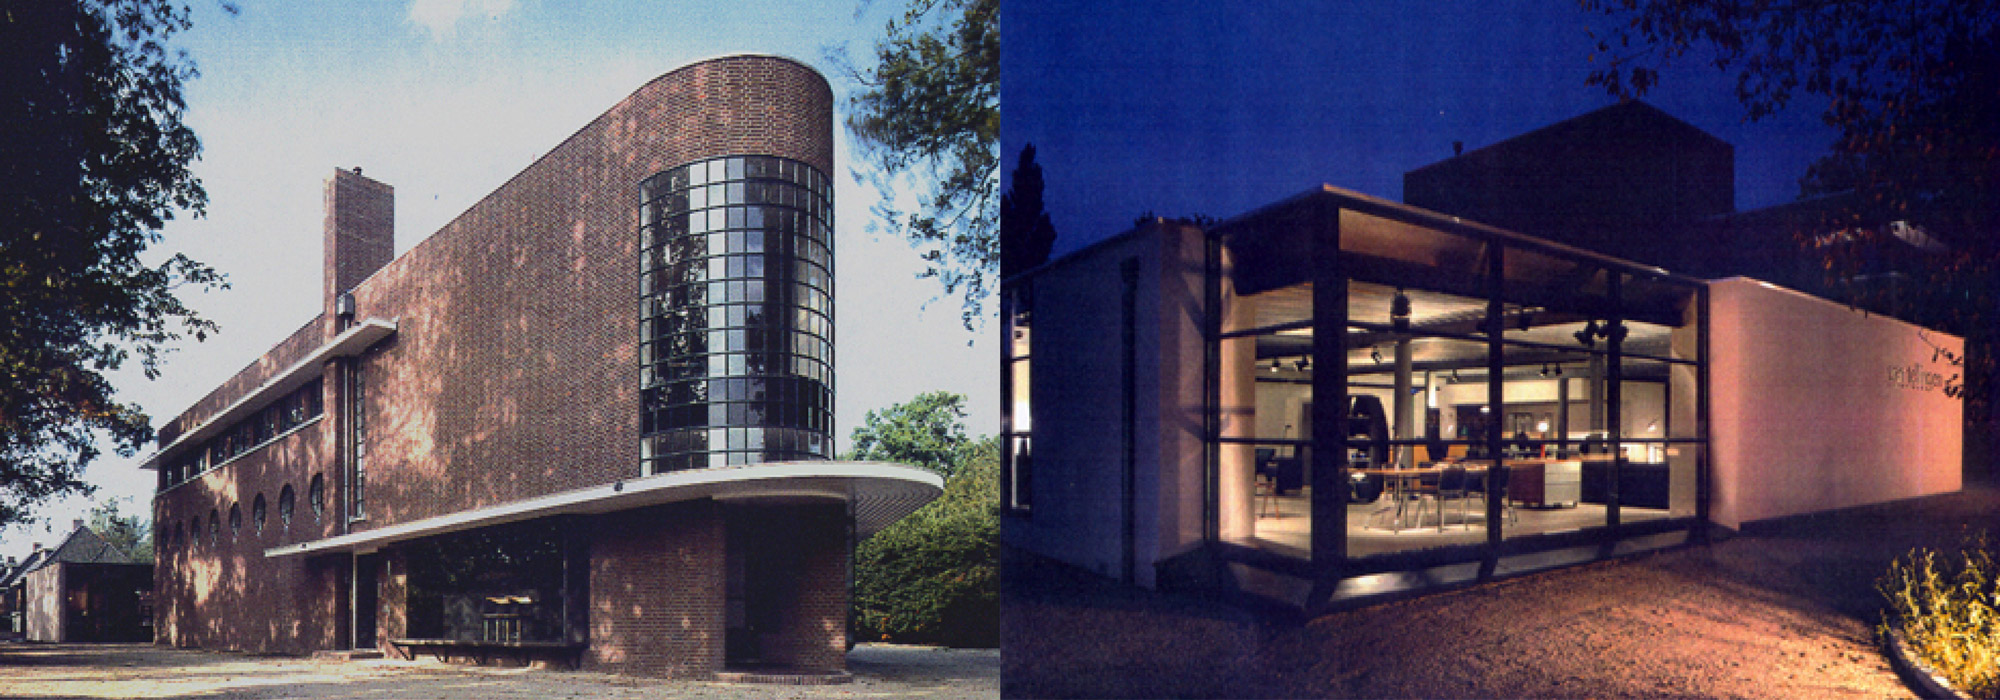 Restauratie en renovatie voormalig PUEM gebouw in Zeist tot showroom en kantoor